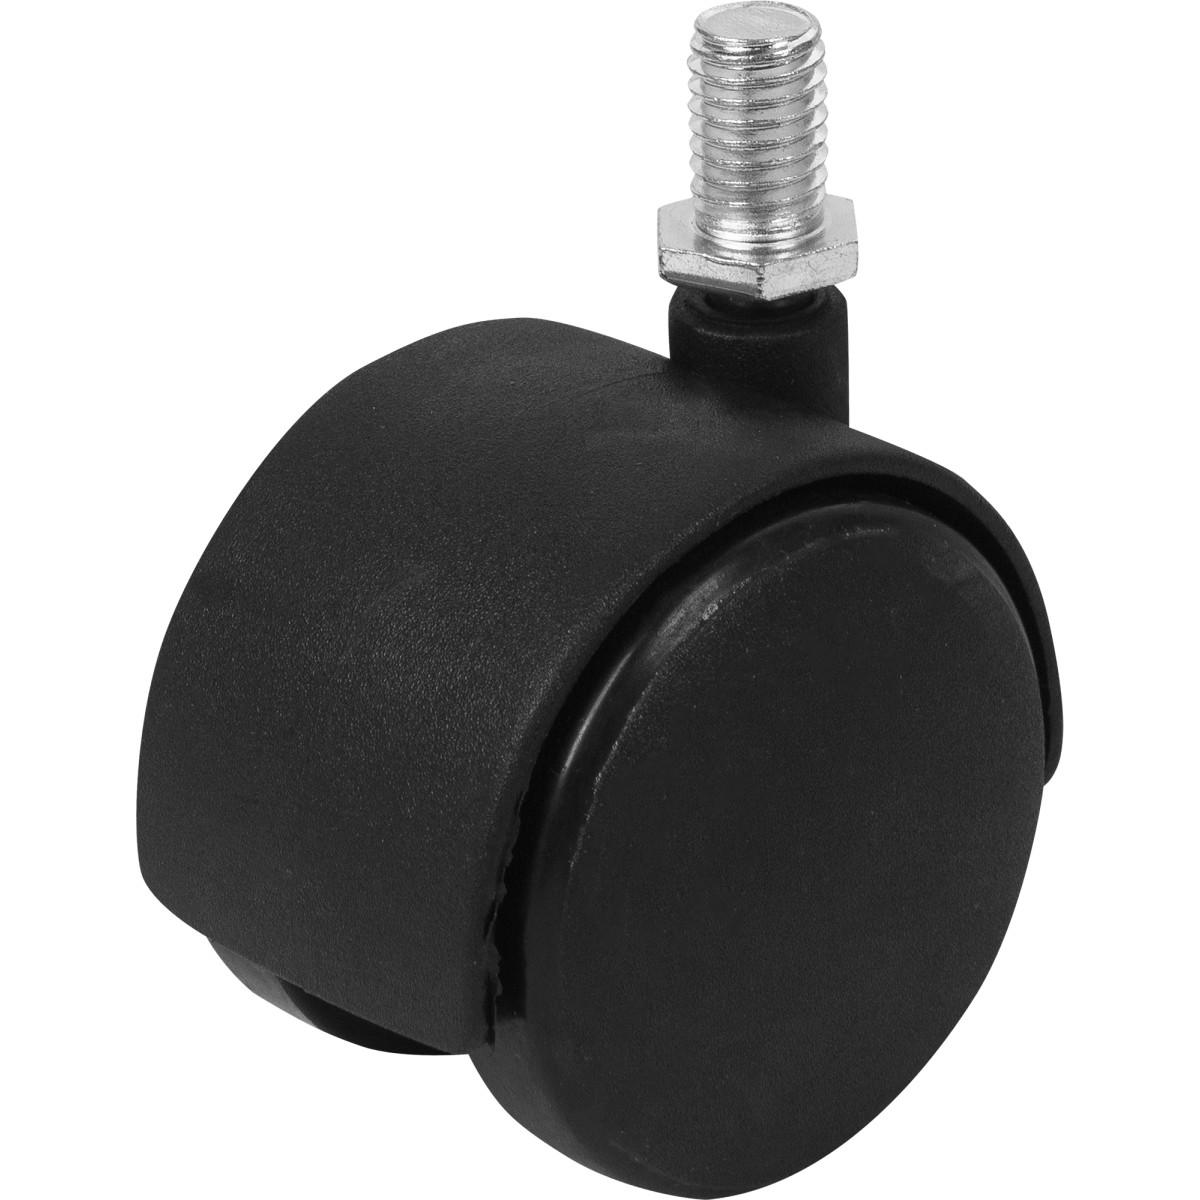 Колесо для мебели поворотное без тормоза 50 мм до 50 кг цвет чёрный